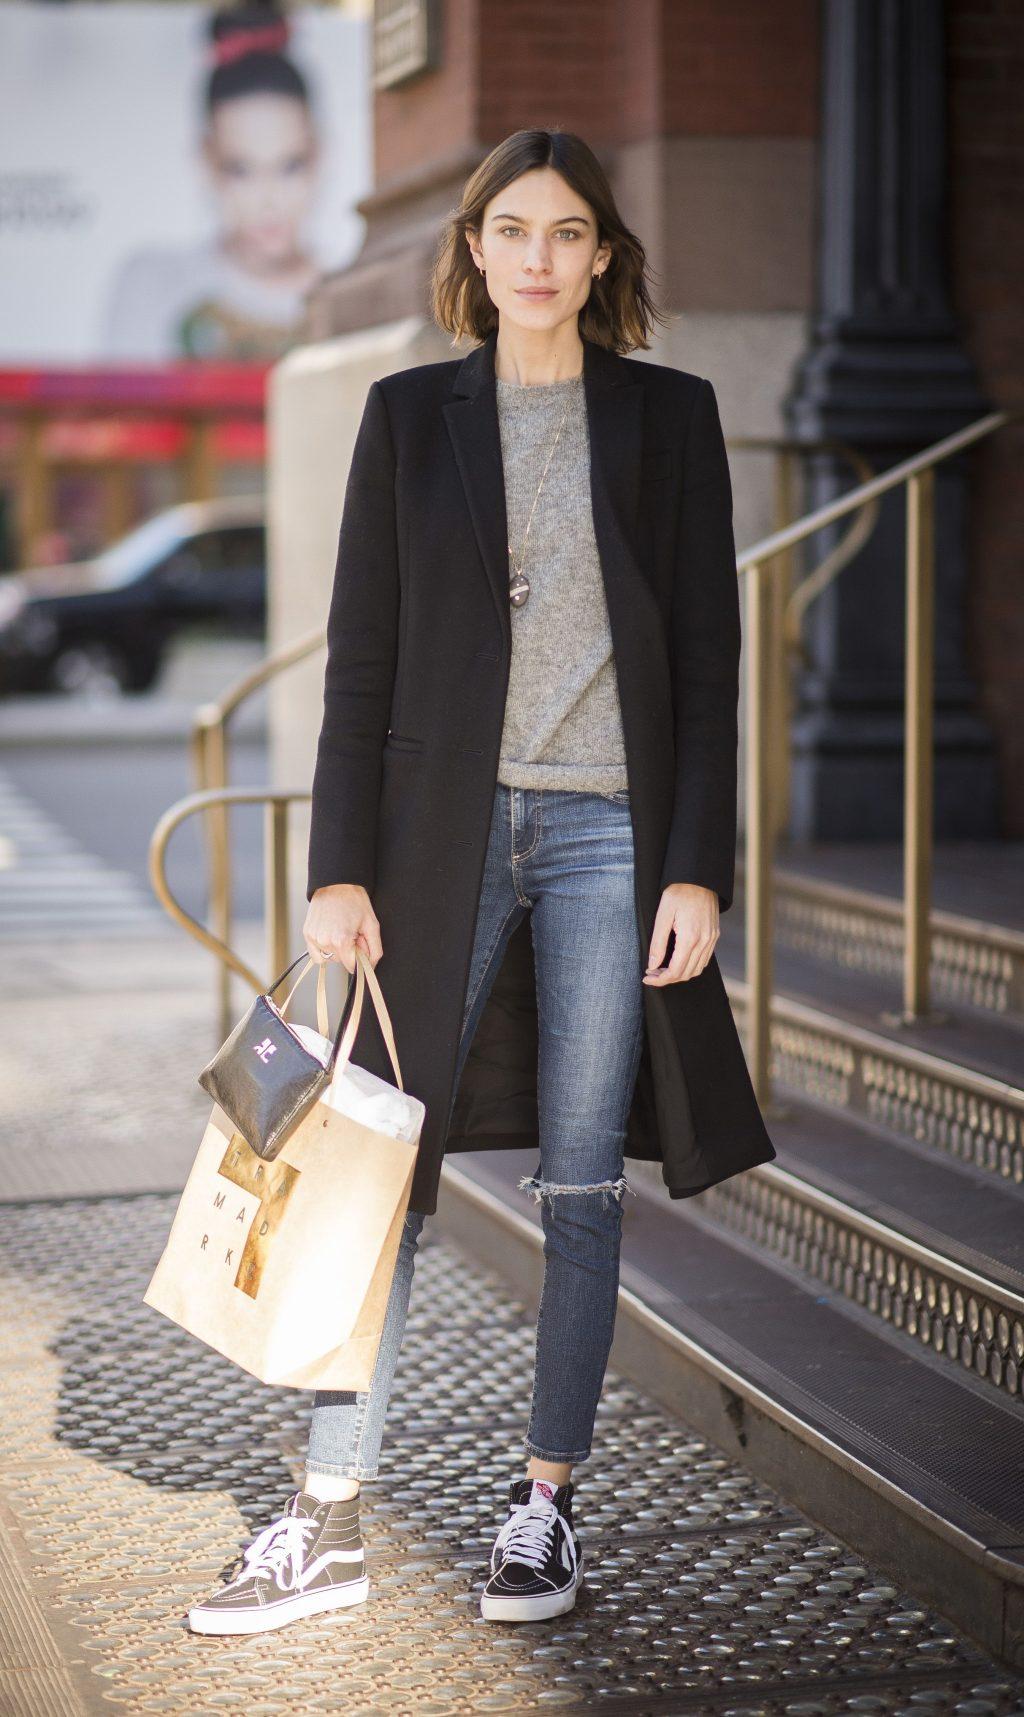 Alexa Chung theo đuổi phong cách sportwear với quần jeans rách, trenchcoat, sneakers